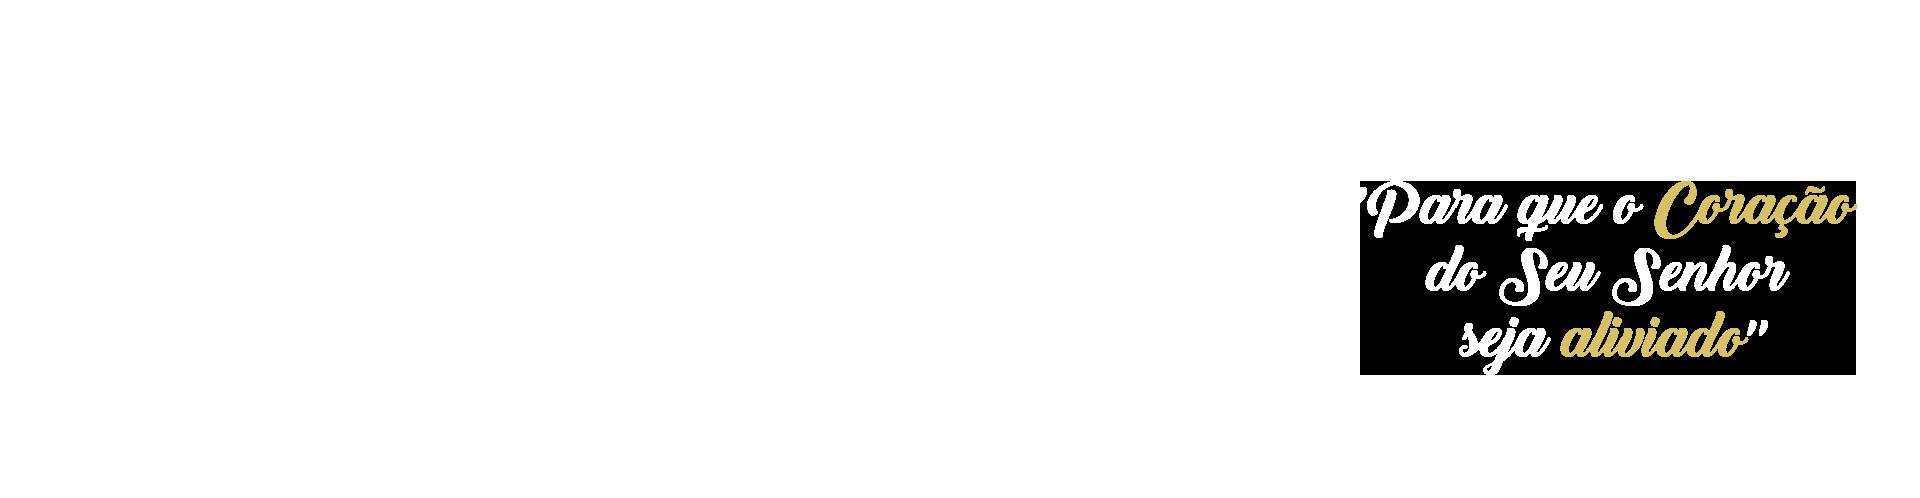 aliviado-frase-pt.png